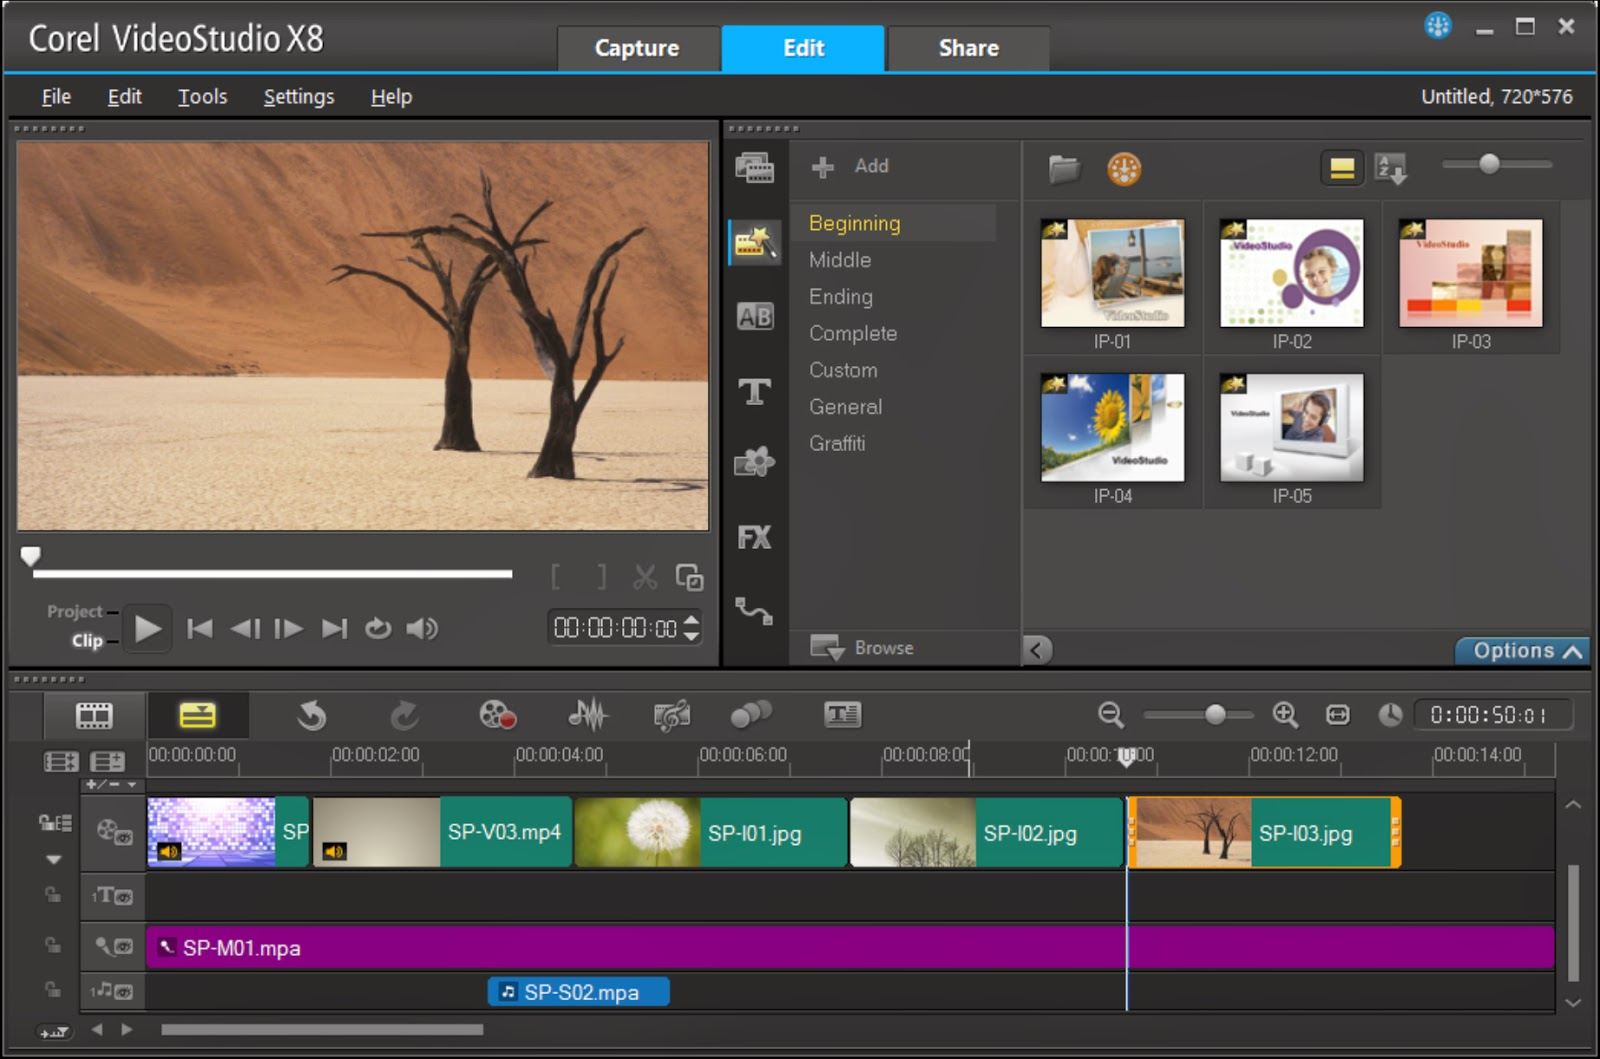 โหลด Corel VideoStudio Ultimate X8 Full (x86-x64) โปรแกรมตัดต่อวีโอ ตัวล่าสุด[Full][กุญแจ]